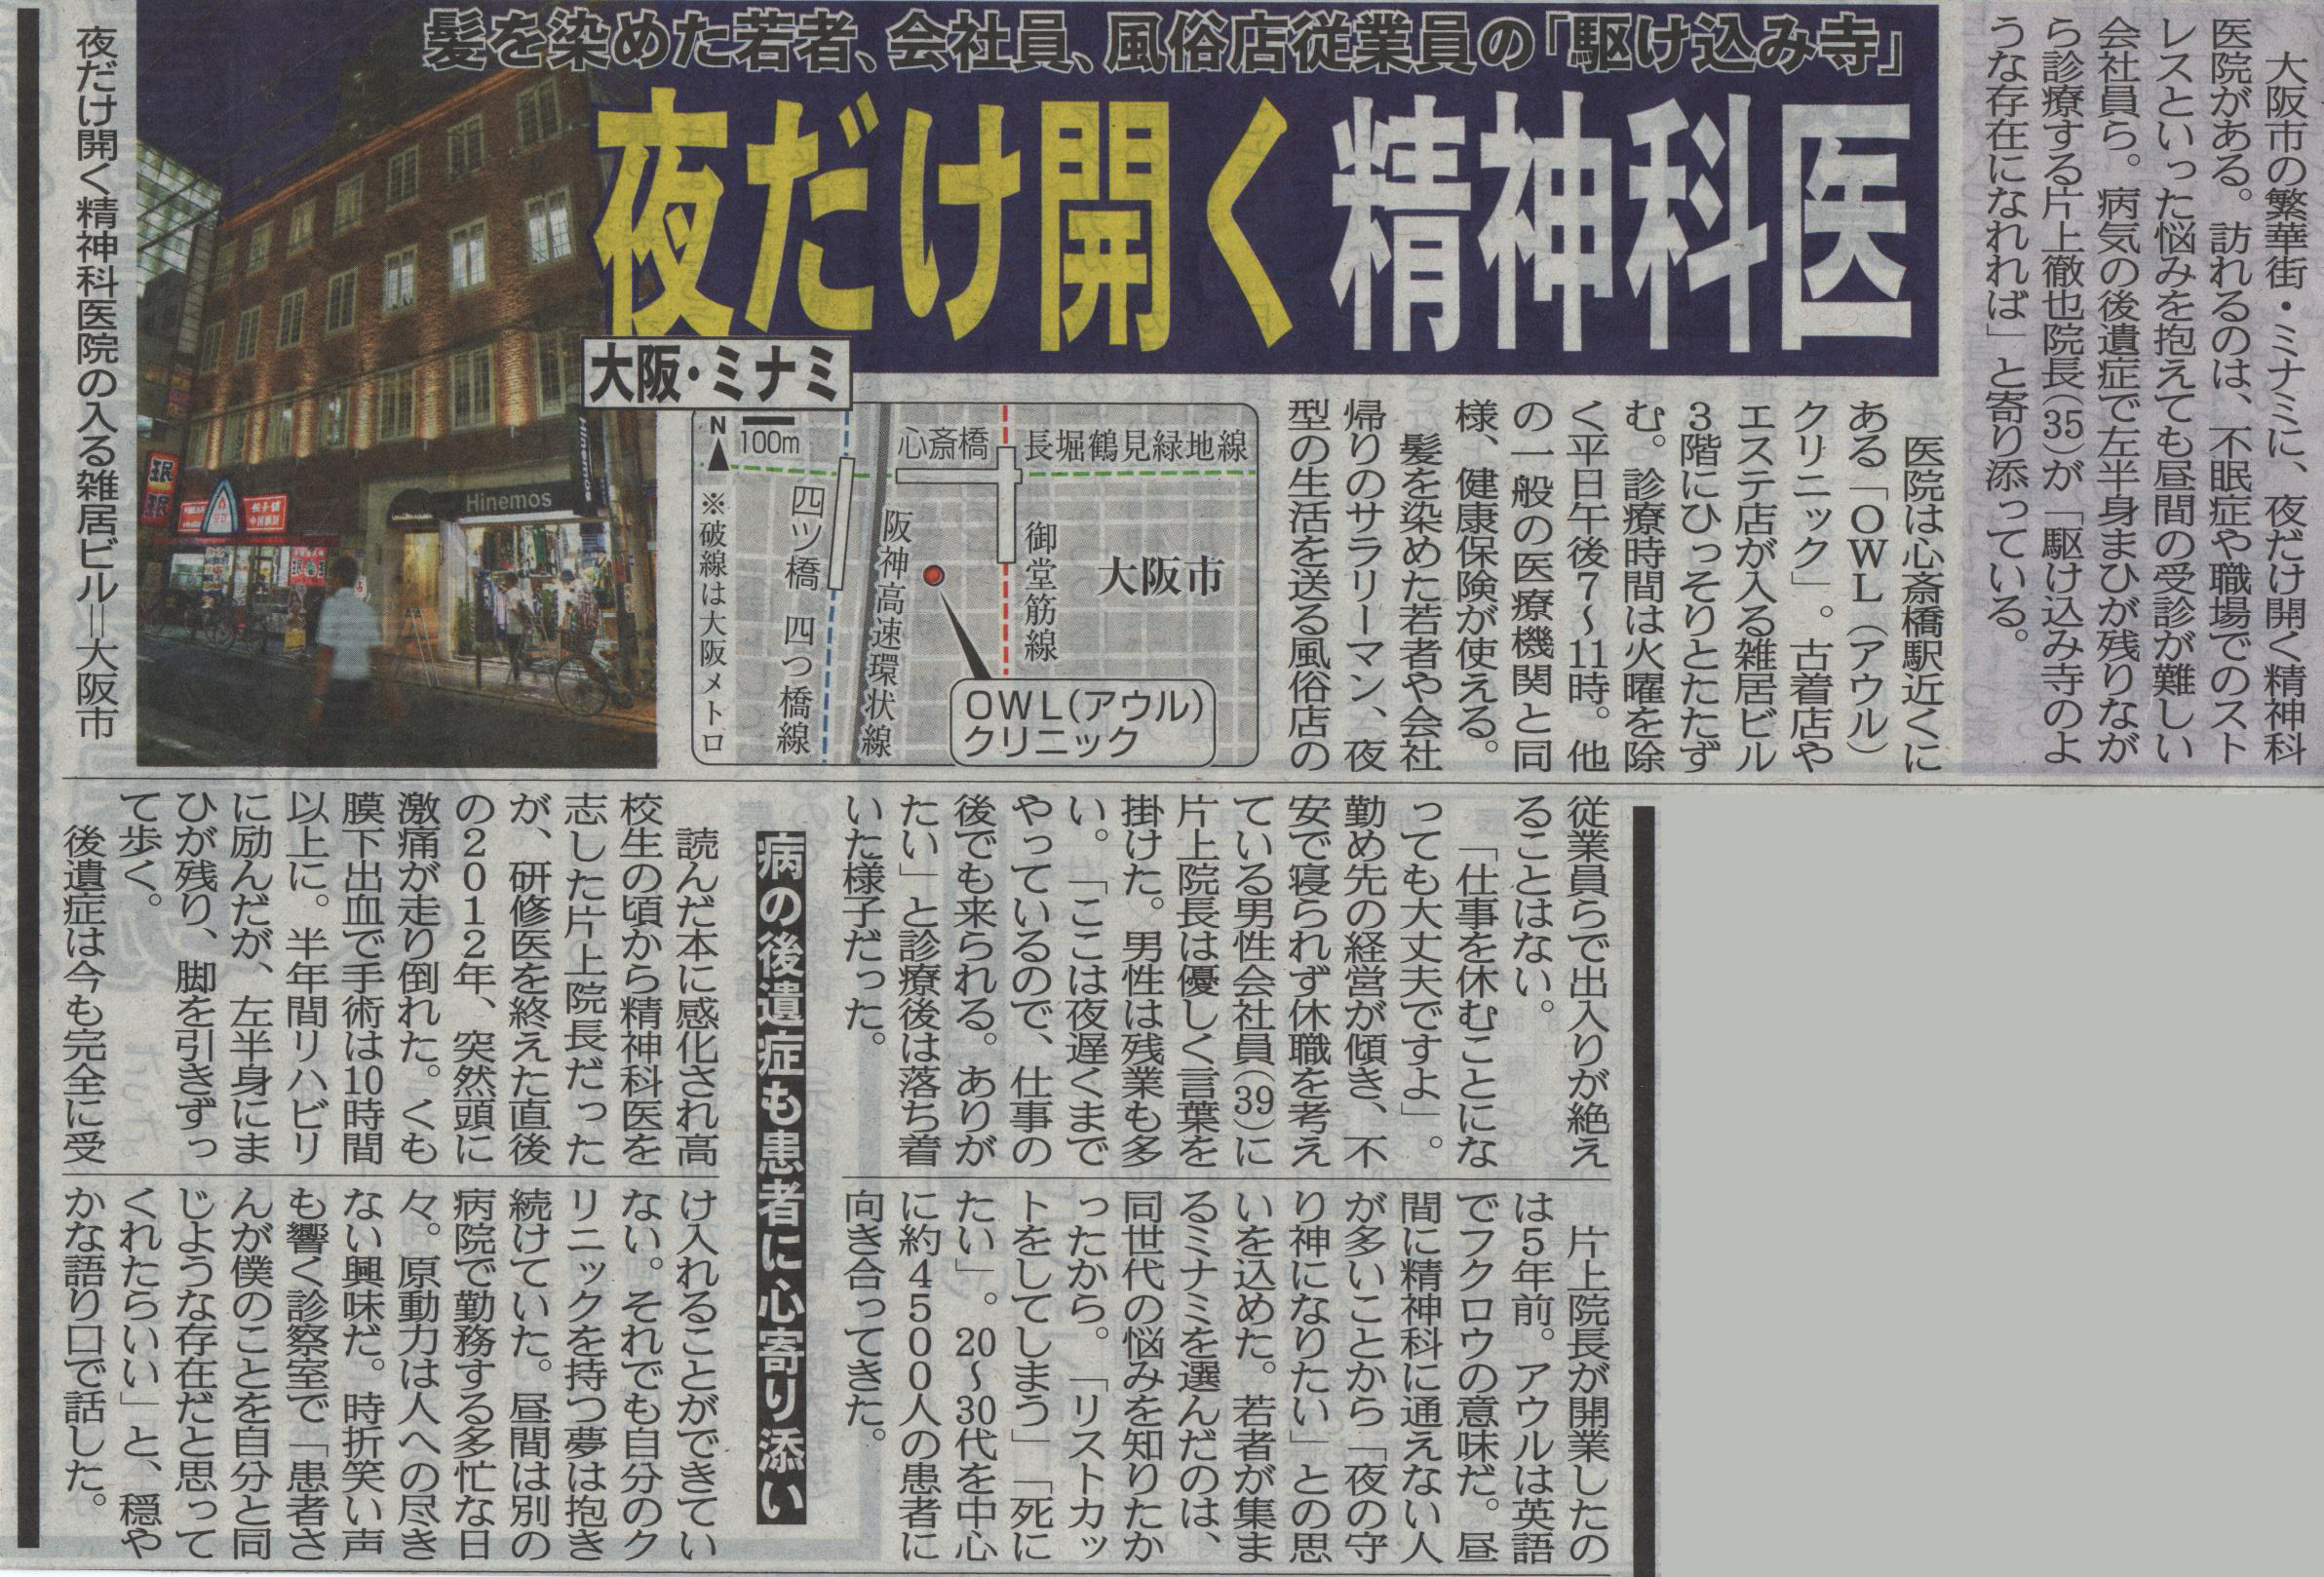 掲載媒体:夕刊フジ 記事名:大阪・ミナミ 夜だけ開く精神科医